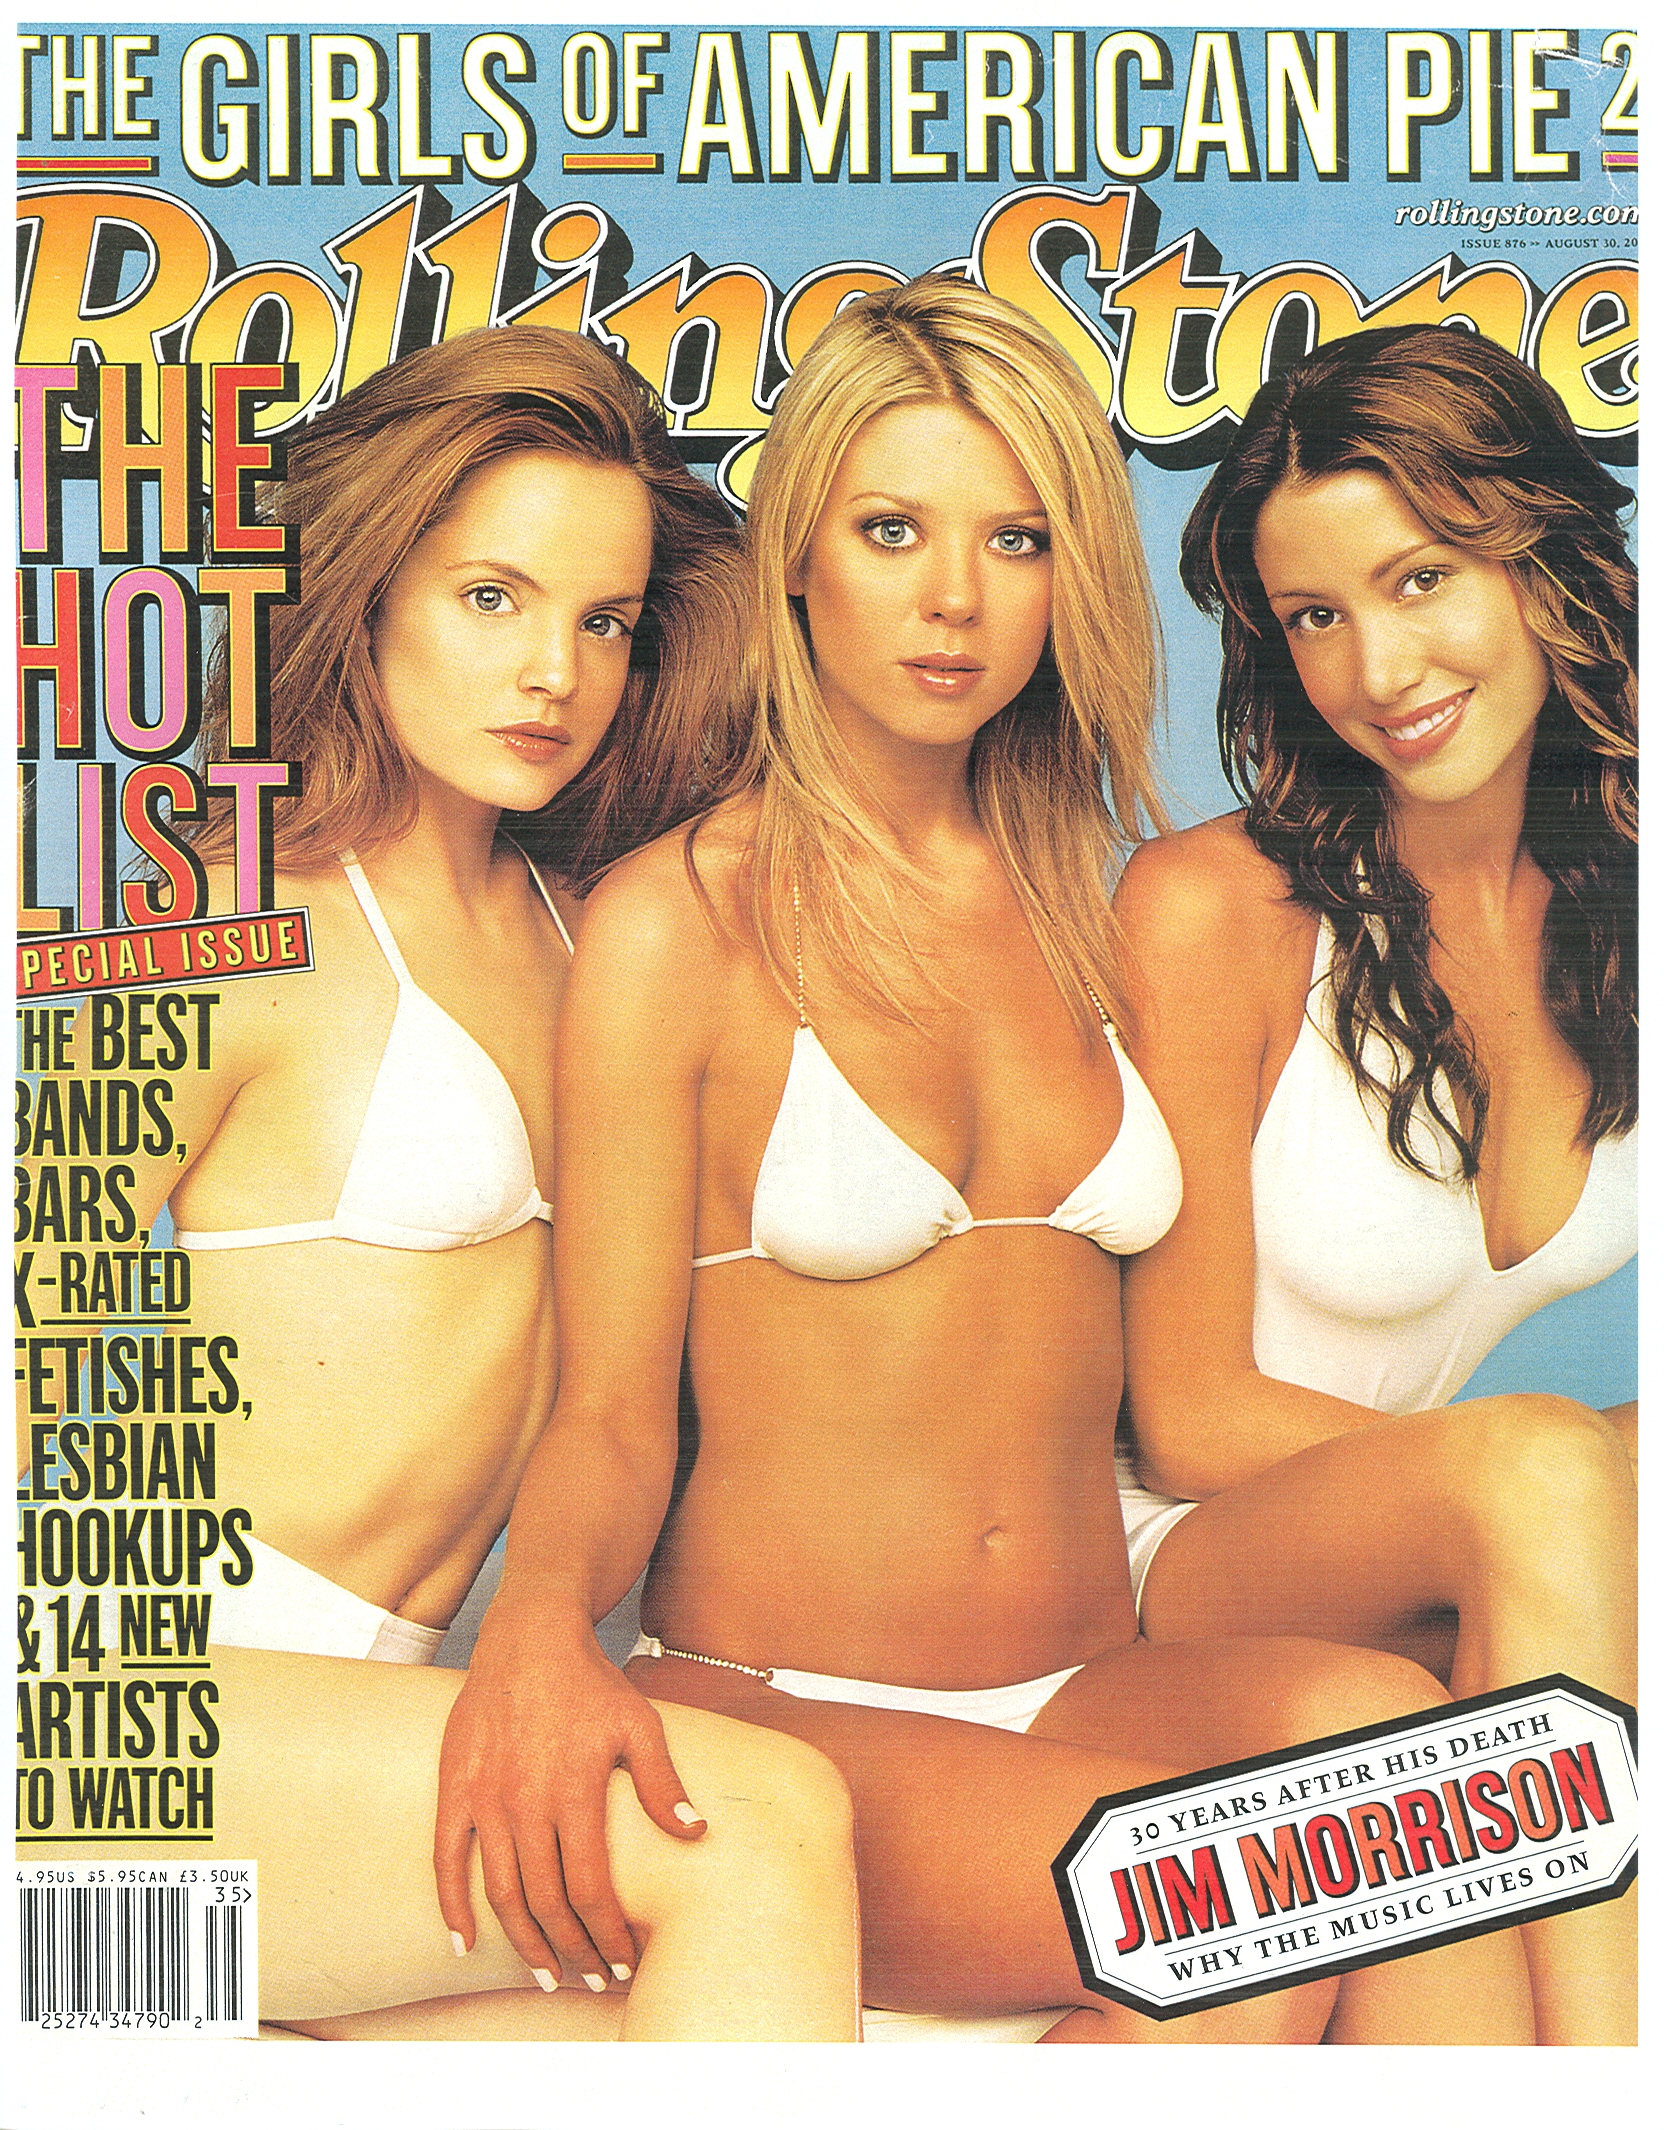 SE_Rolling Stone_2001_1.jpg